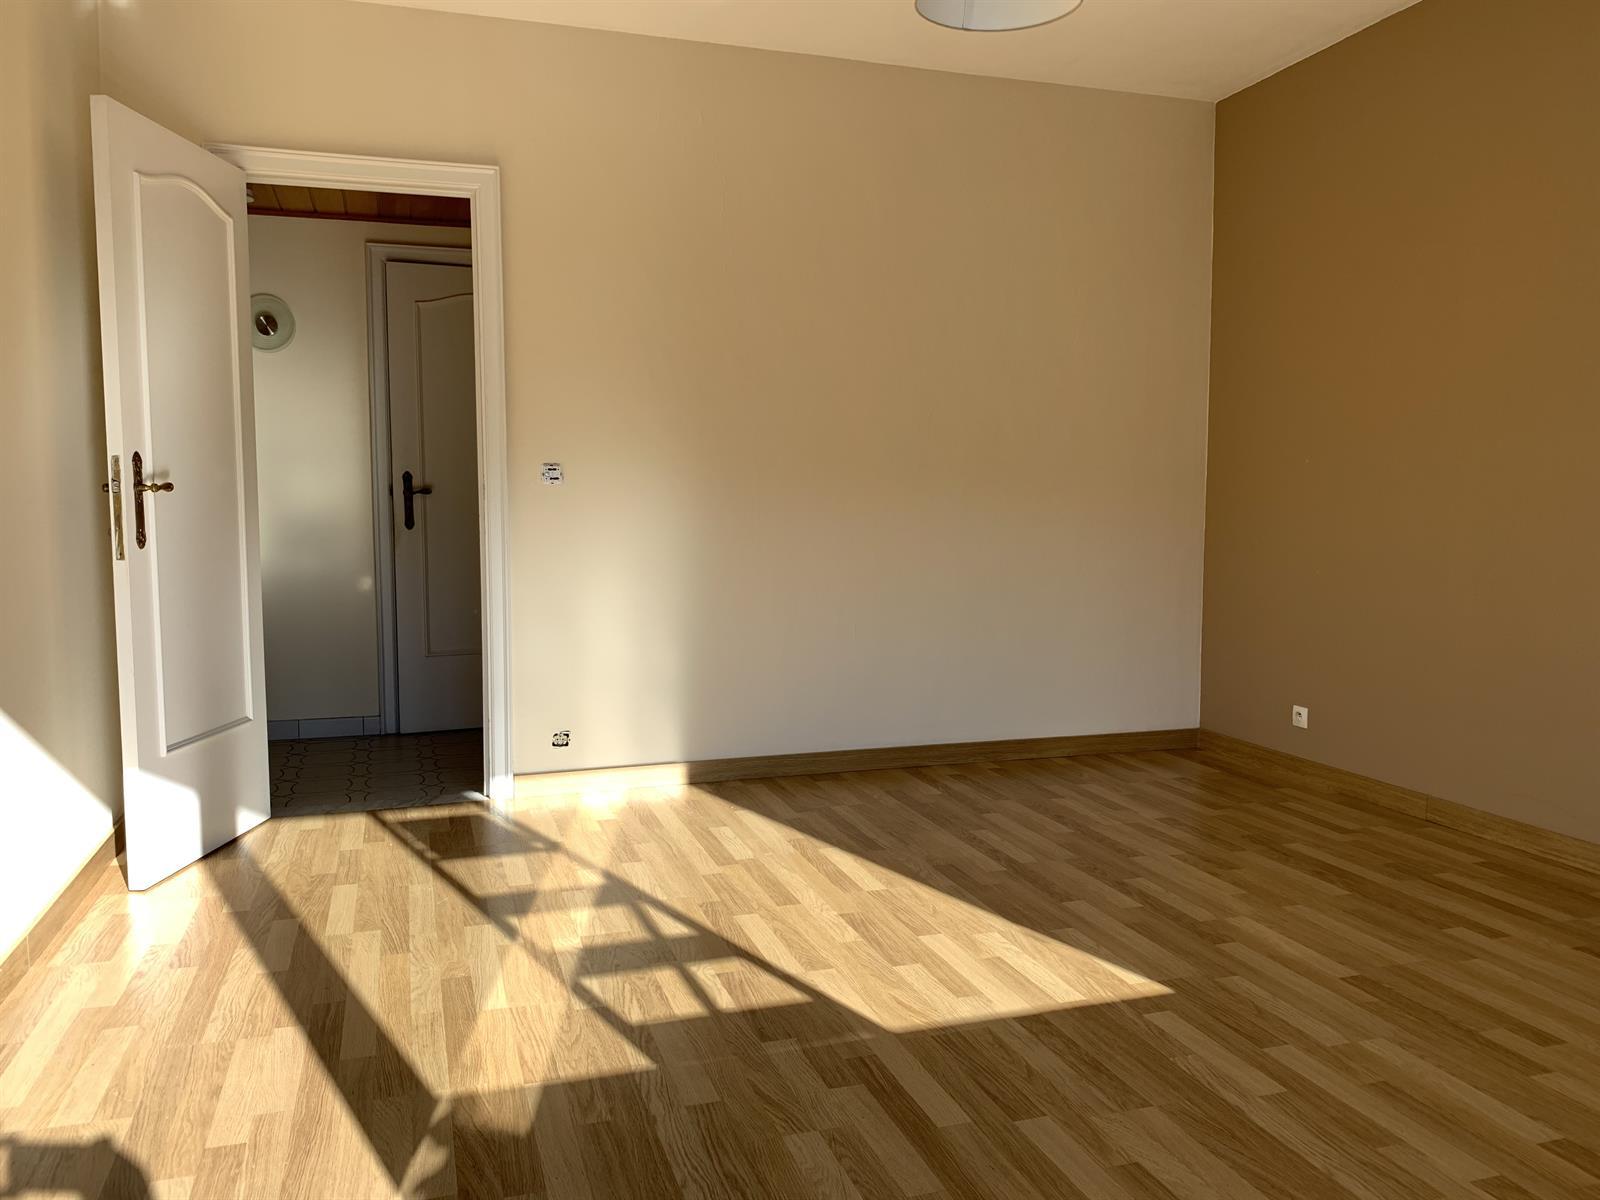 Appartement - Woluwe-Saint-Pierre - #4283207-8